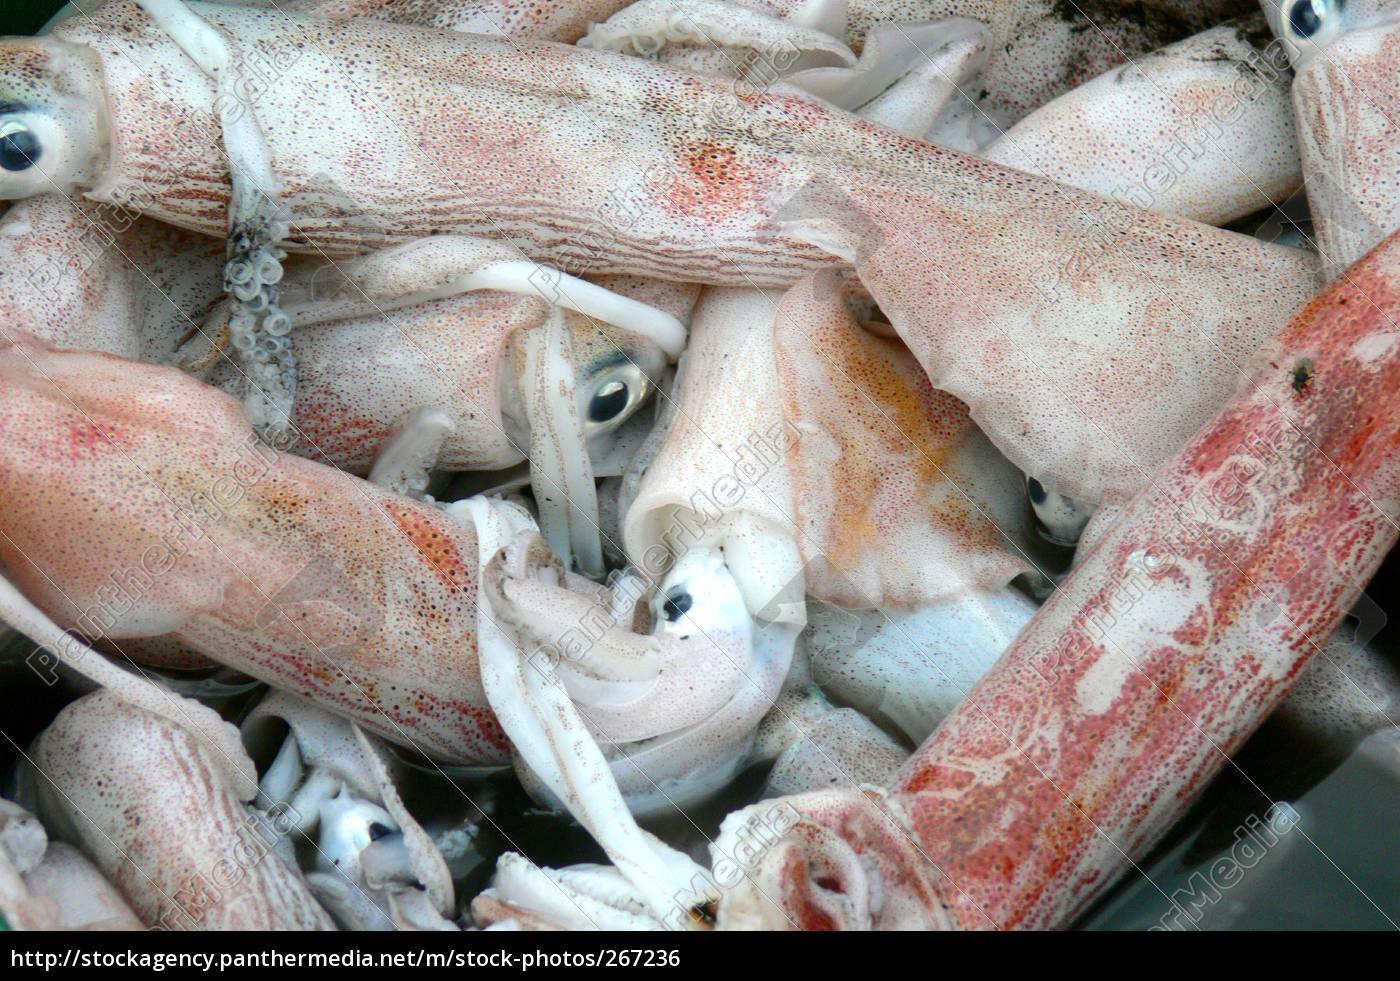 squid - 267236